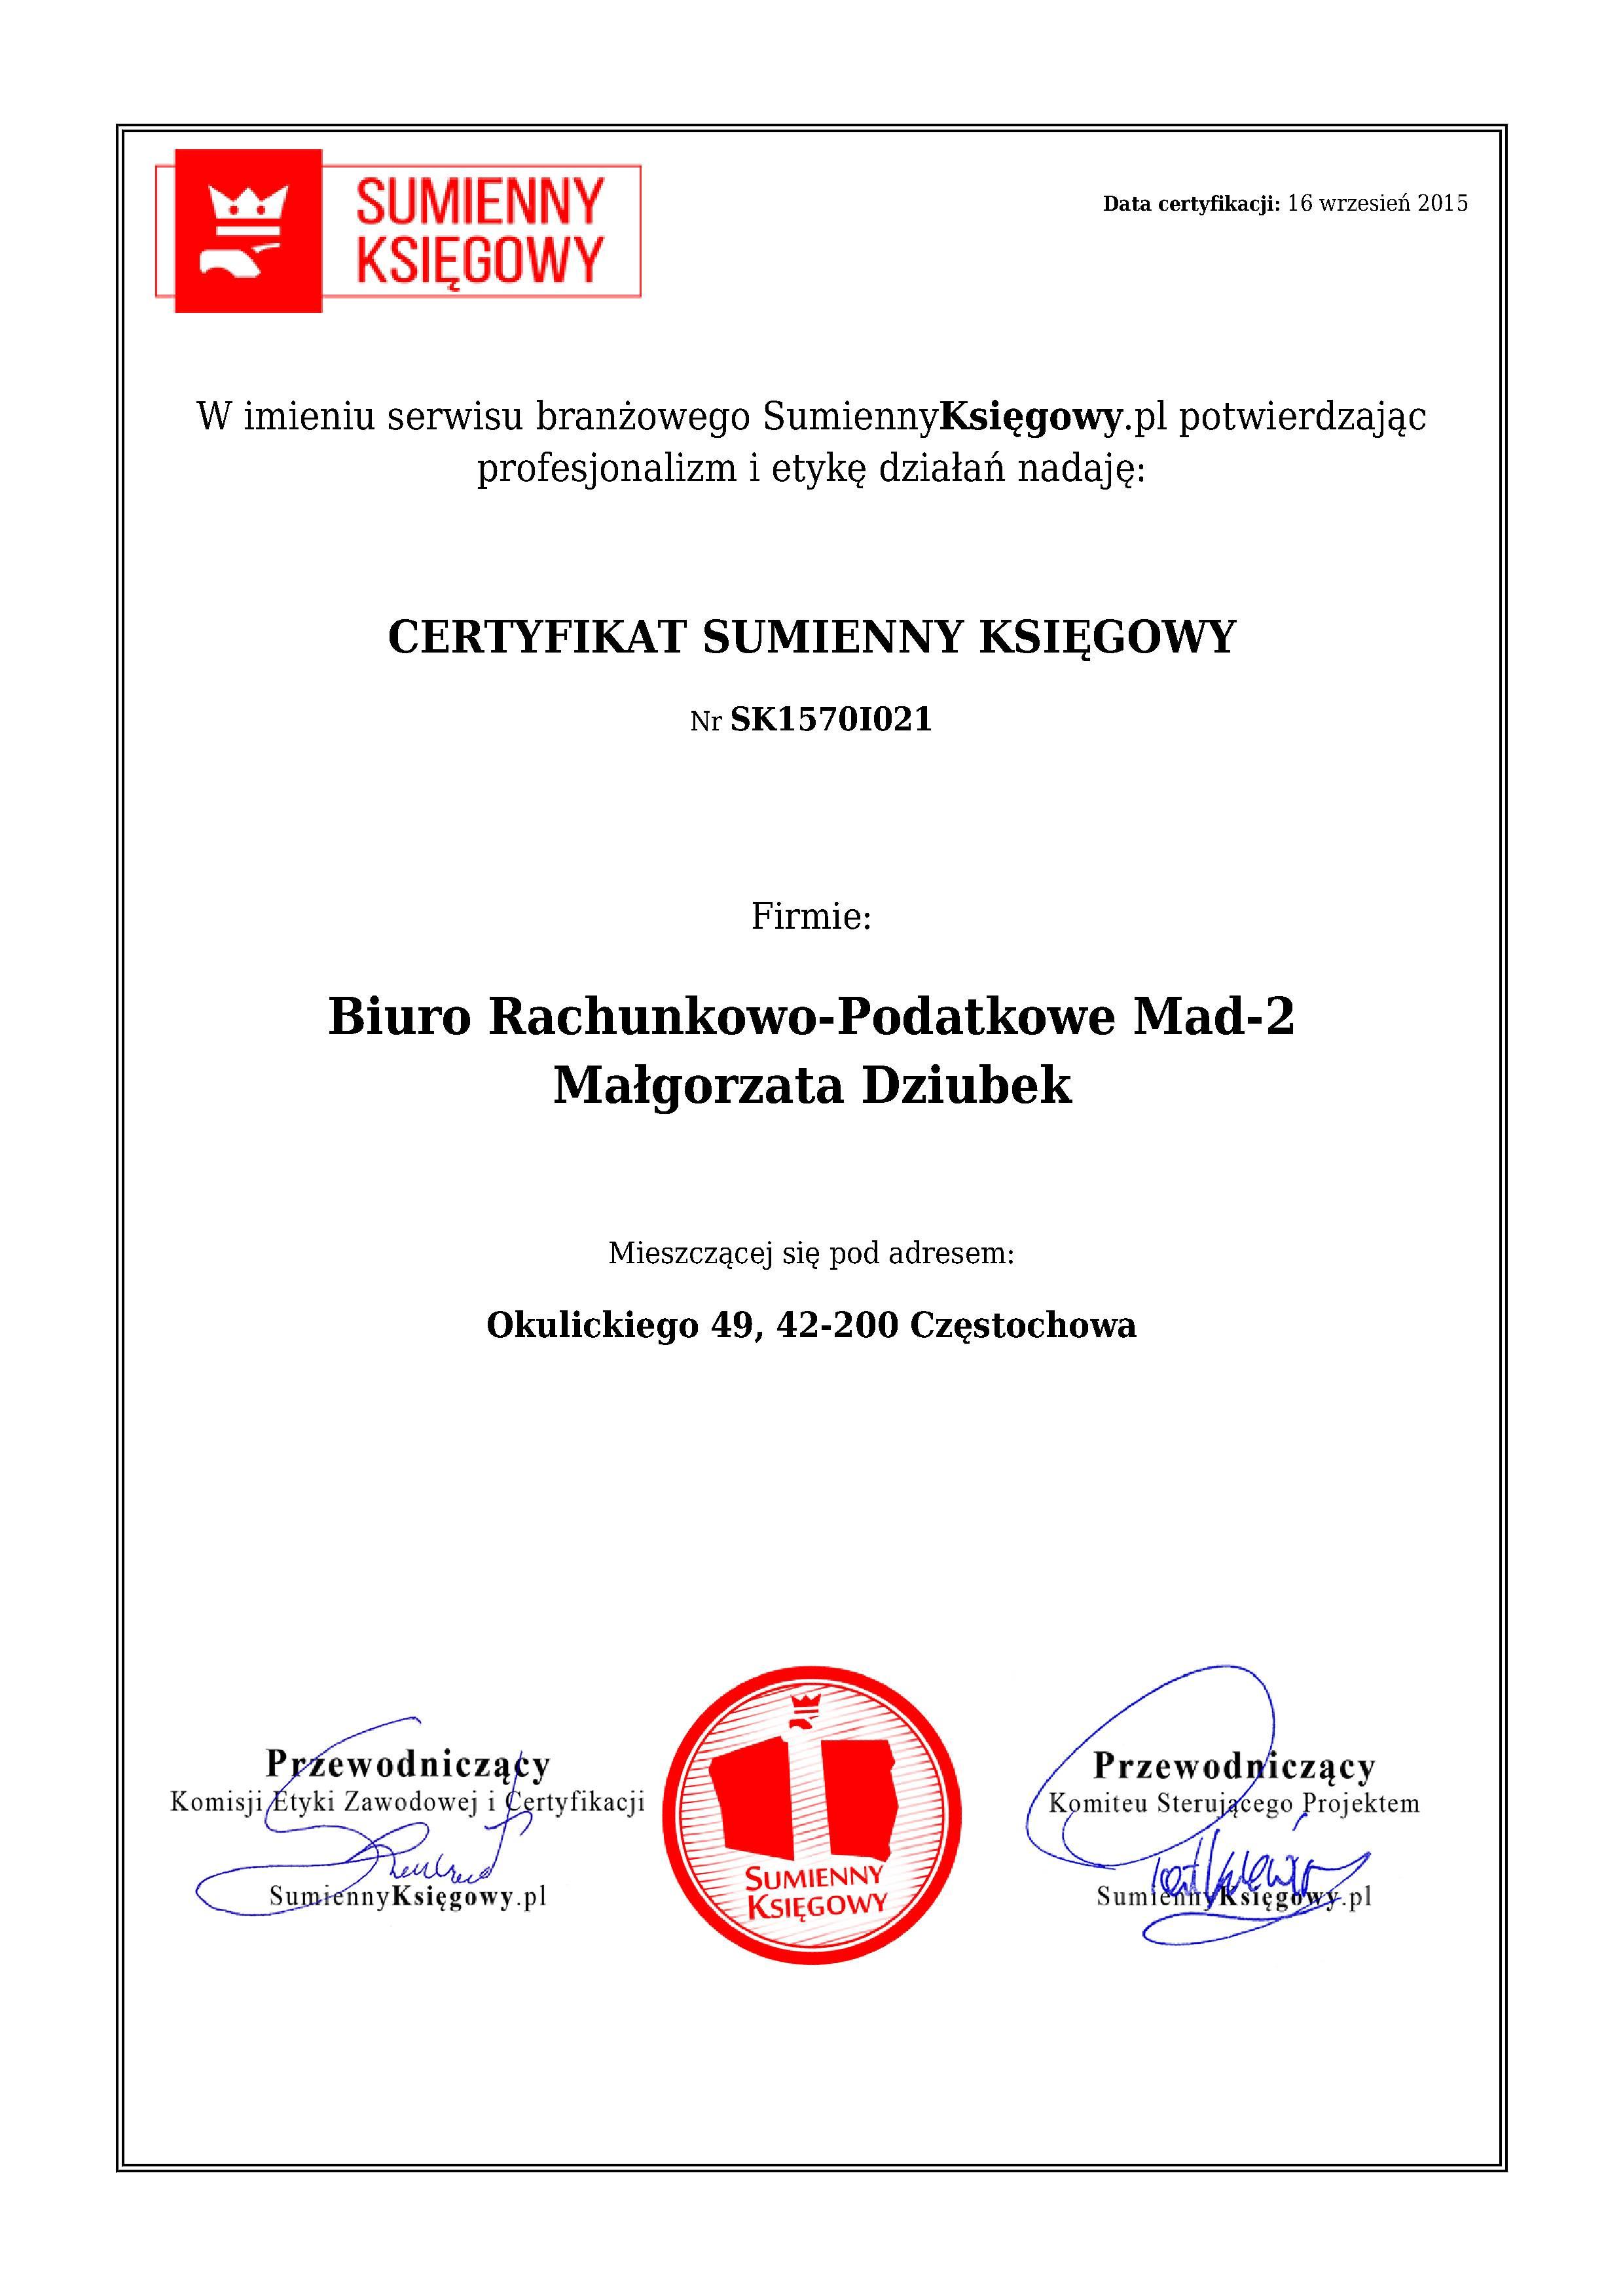 Certyfikat Biuro Rachunkowo-Podatkowe Mad-2  Małgorzata Dziubek